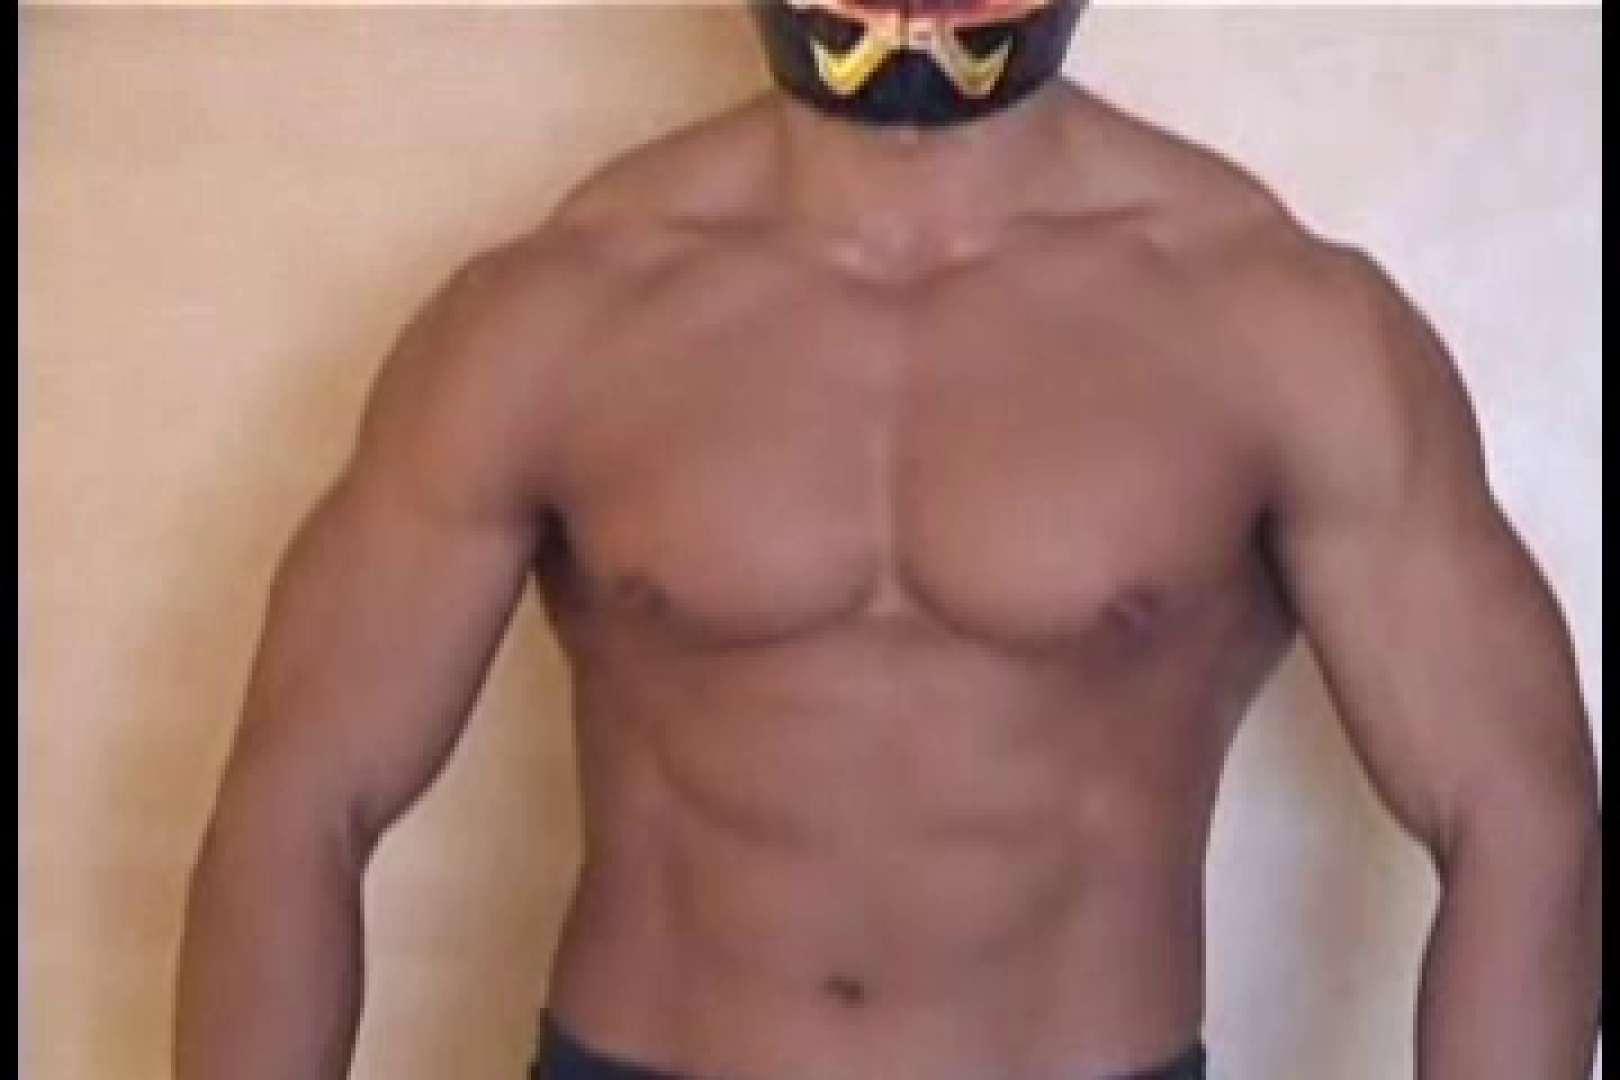 性器の味方ムキムキ覆面マッチョマン 男の世界   マッチョ  106画像 28